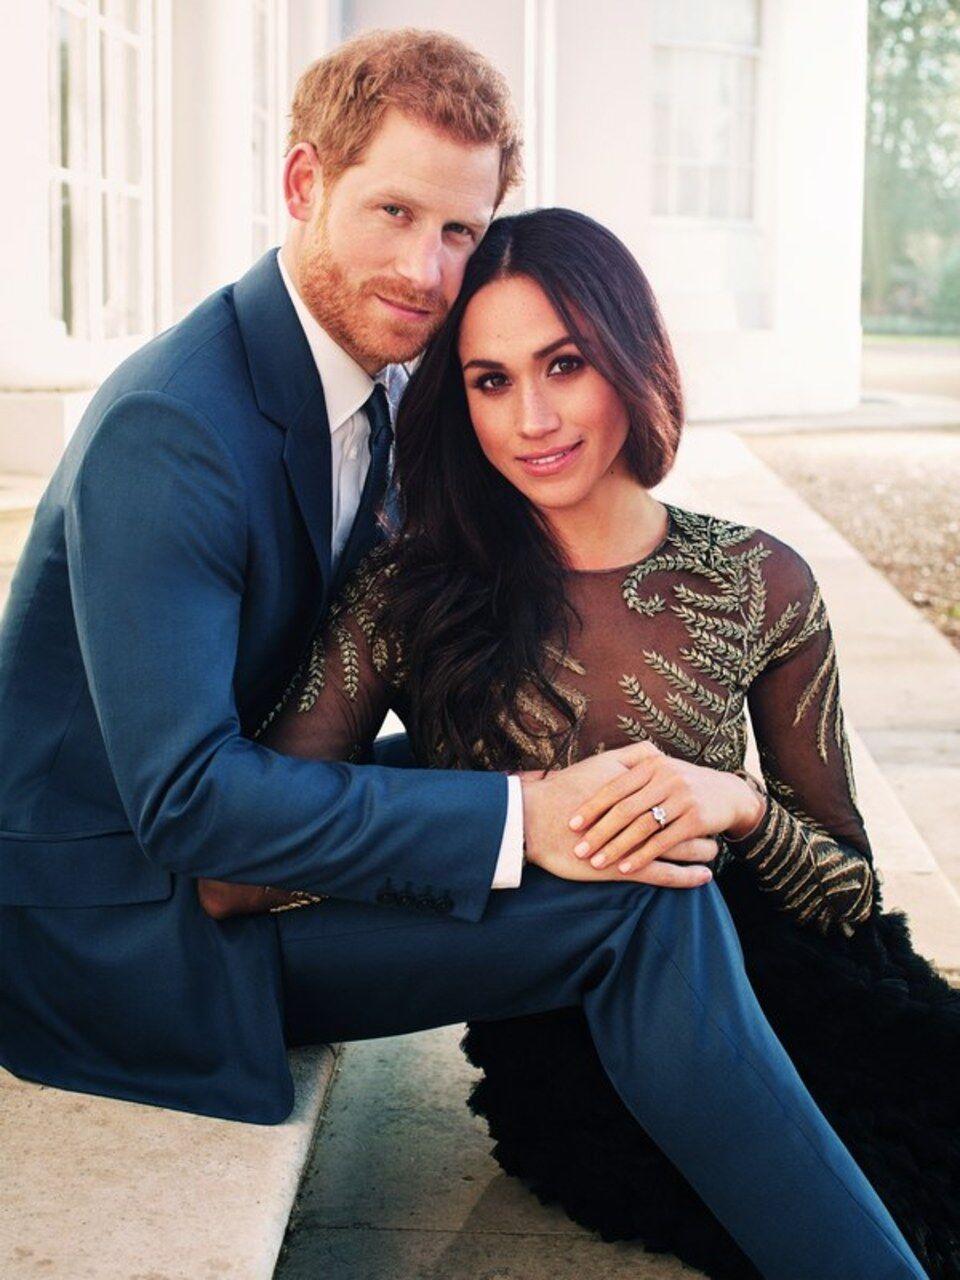 Le prince Harry et Meghan Markle : retour sur leur histoire d'amour en cinq dates